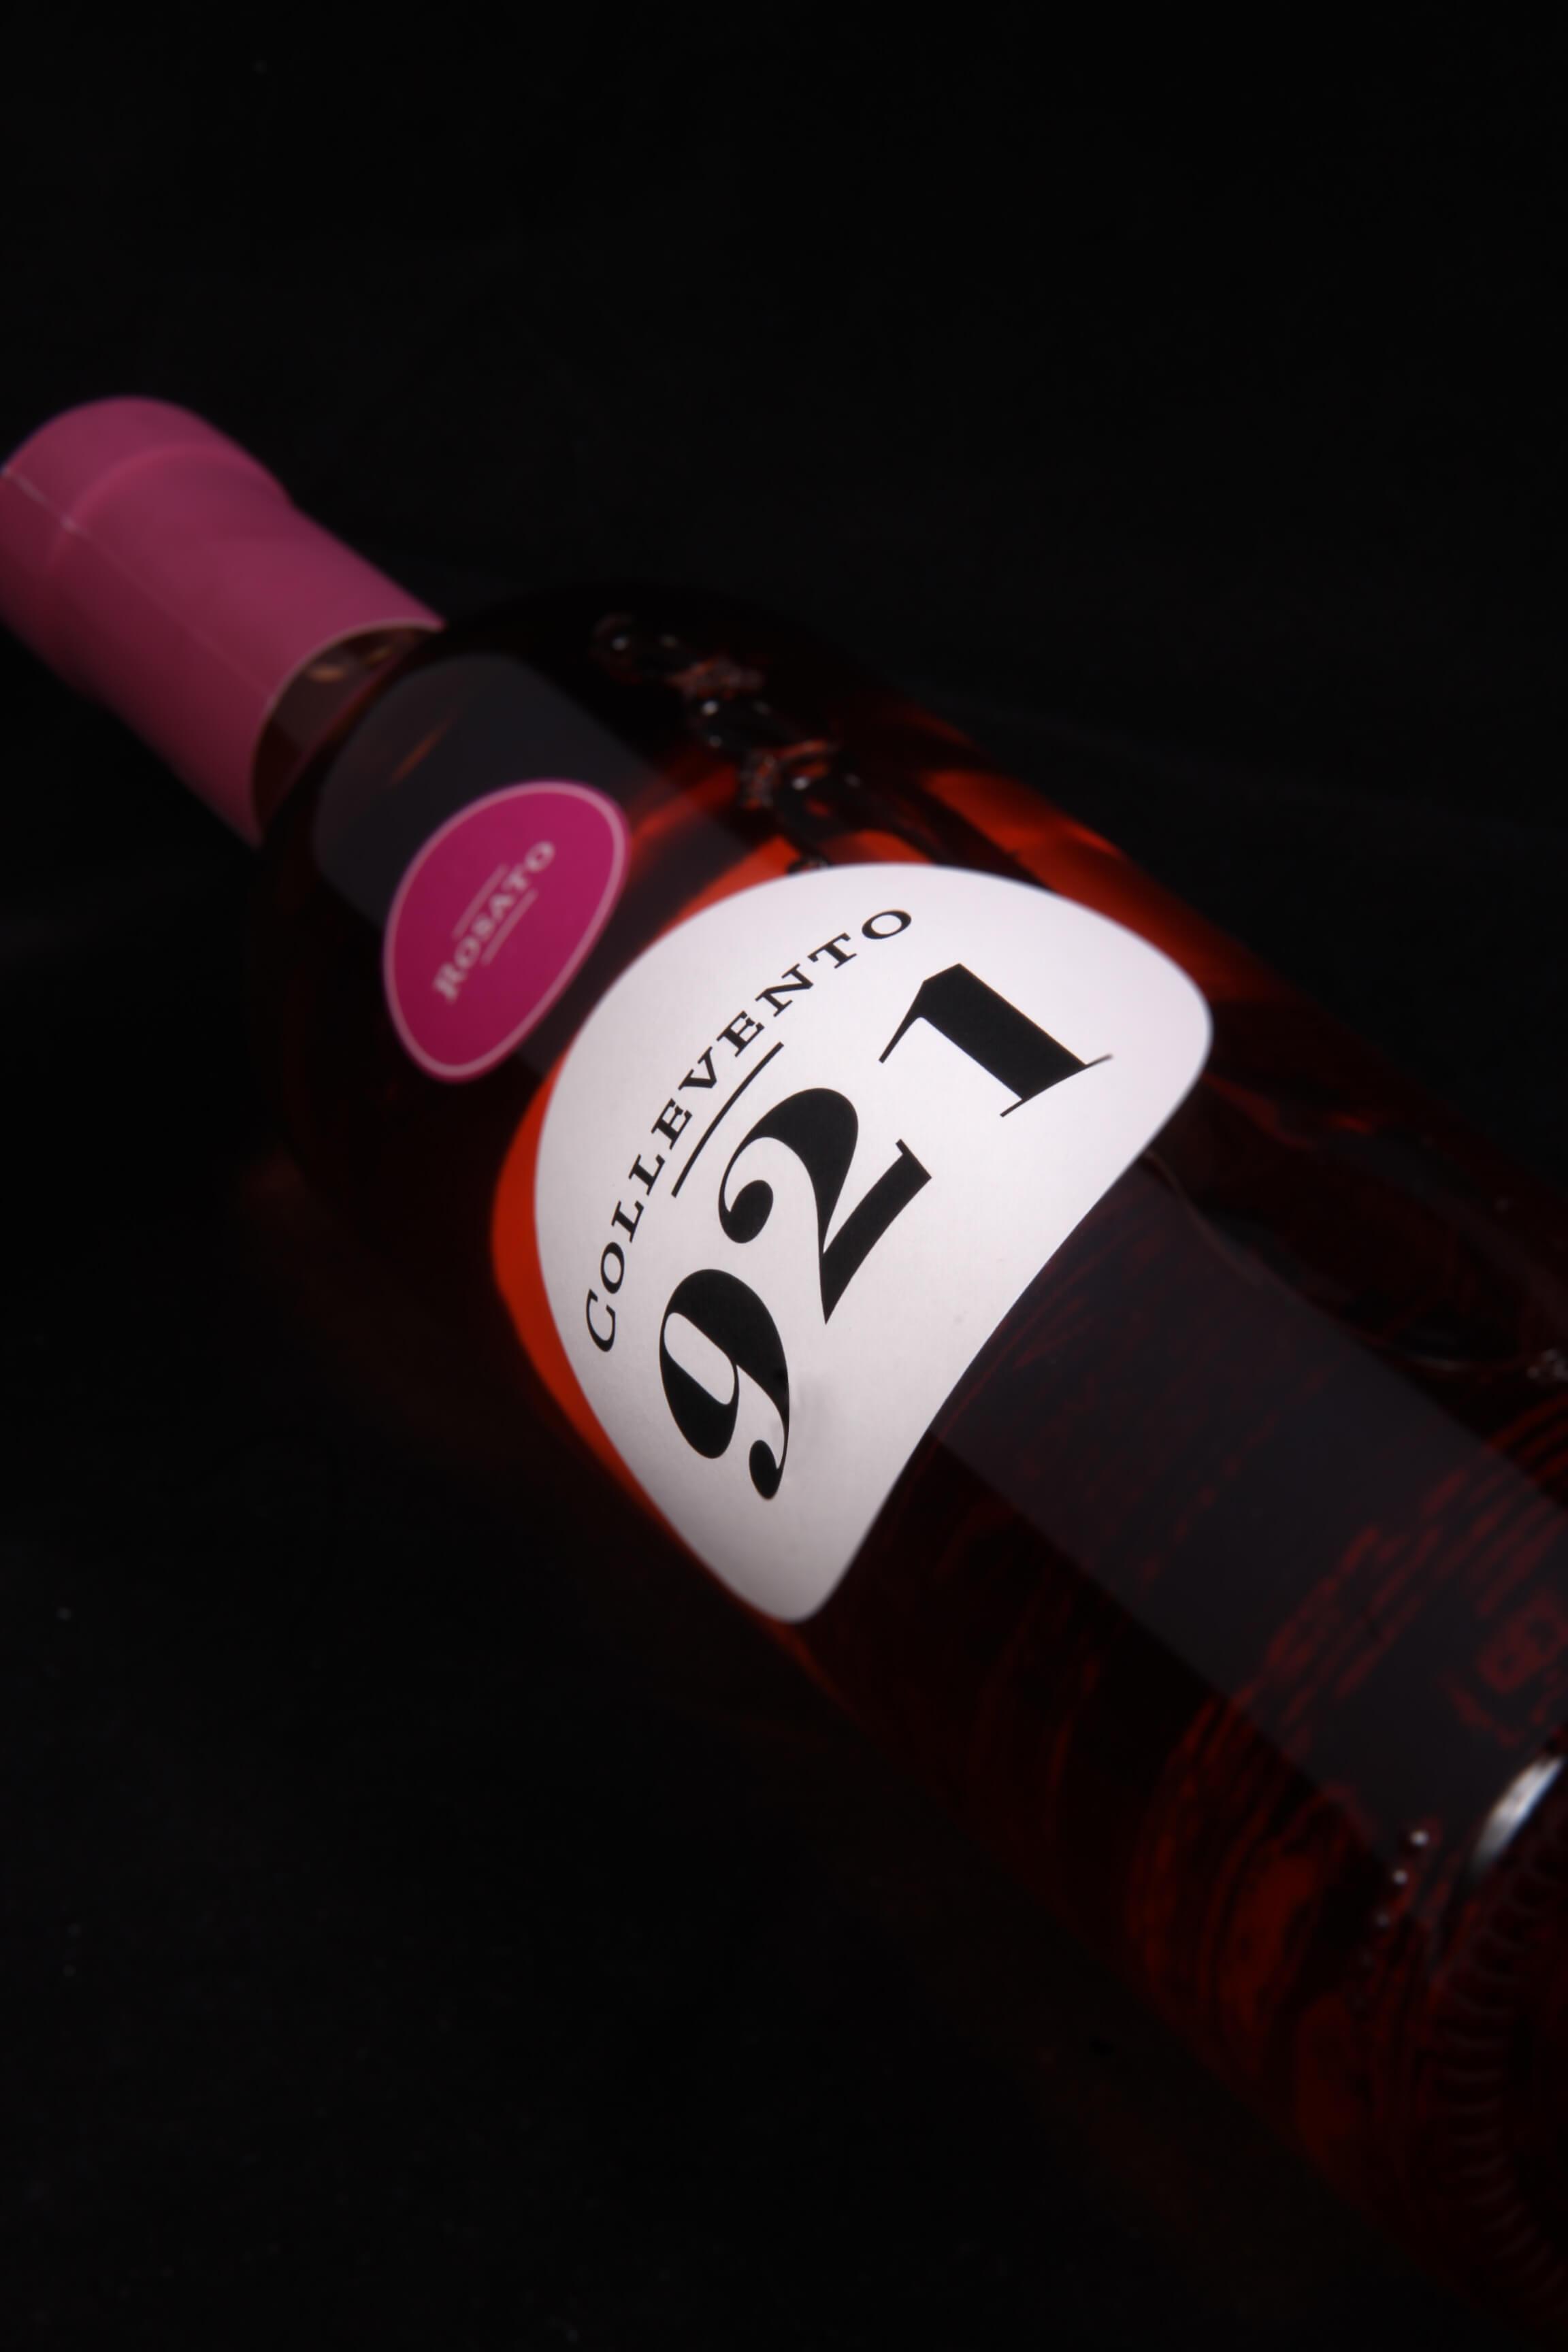 vino_nostrum-importadora_de_vinos_y_alimentos_ok30